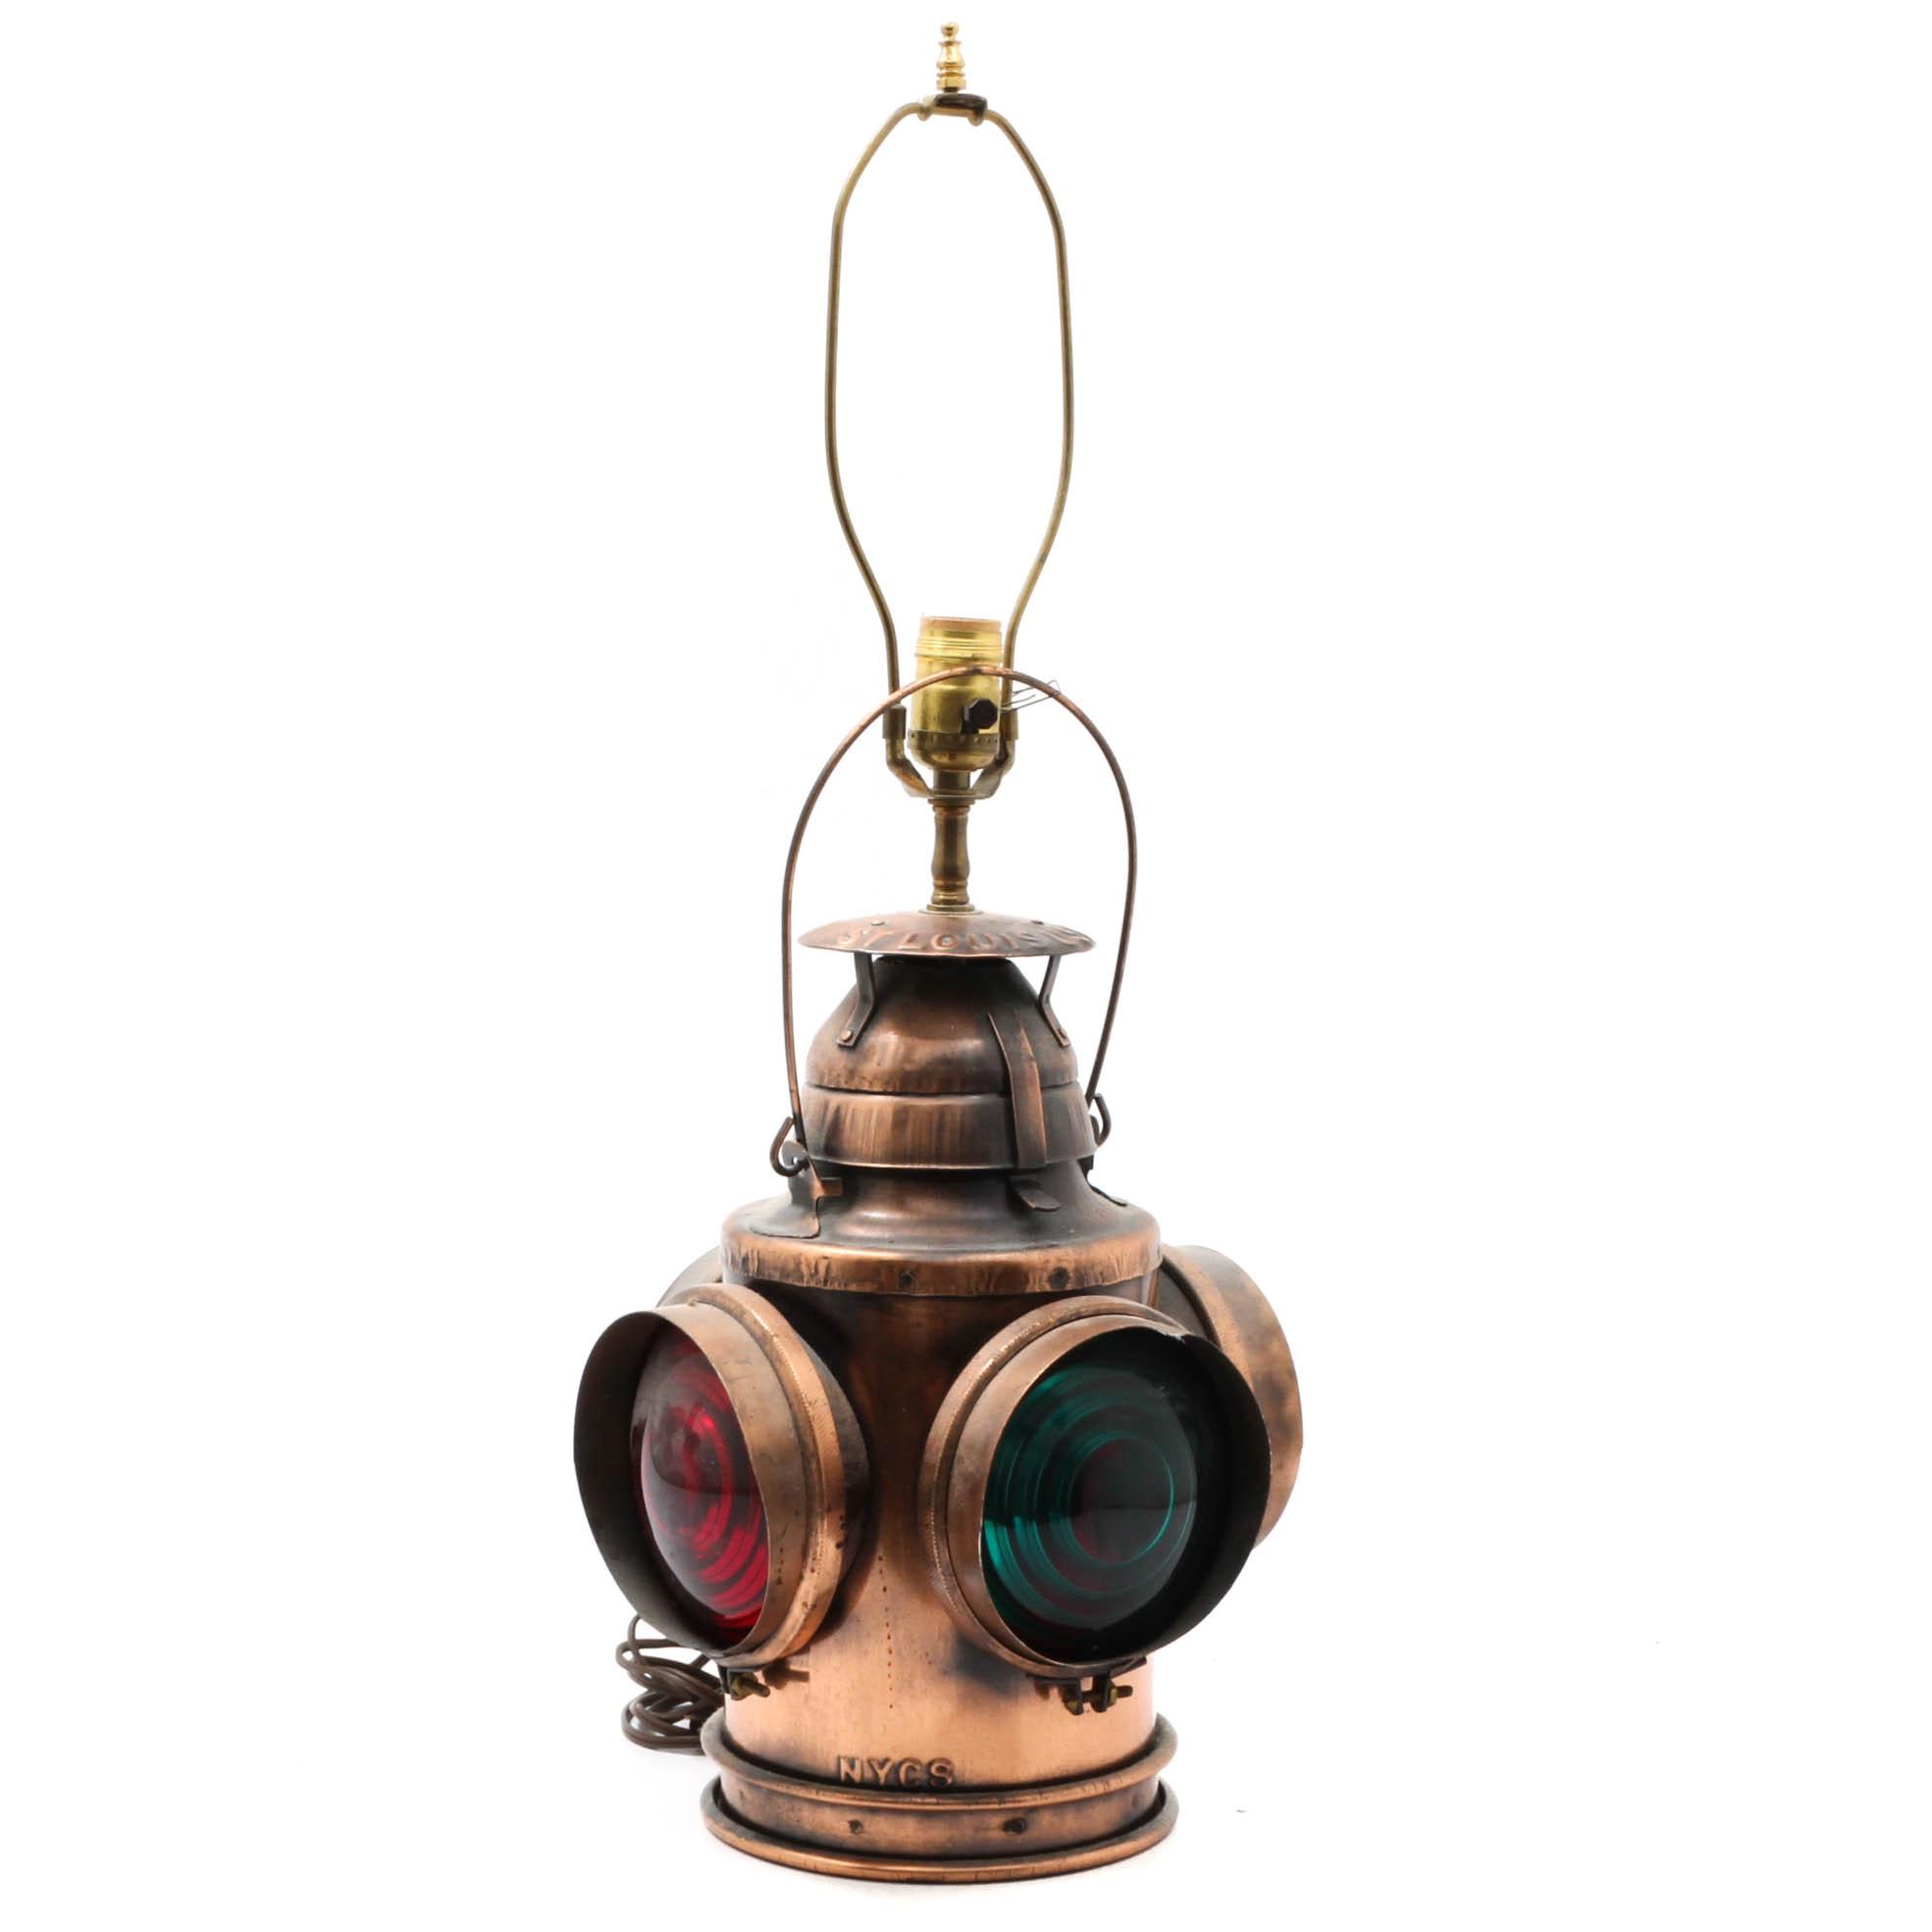 Converted Handland NYCS Railroad Lantern Table Lamp